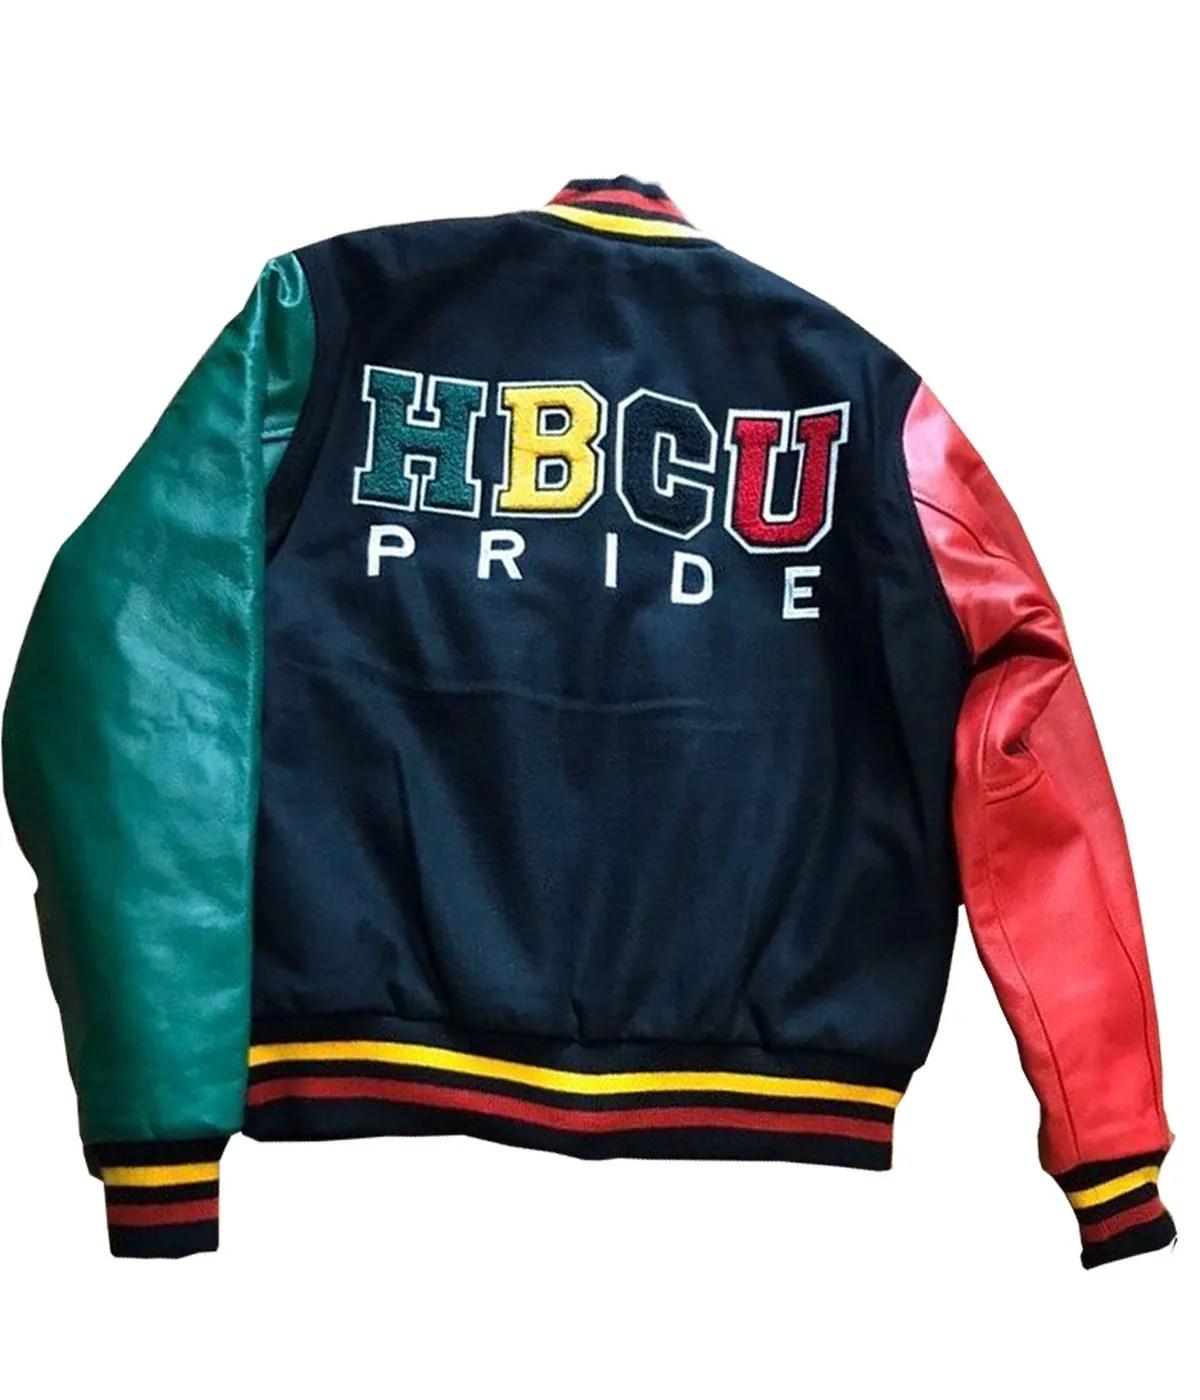 hbcu-pride-varsity-jacket